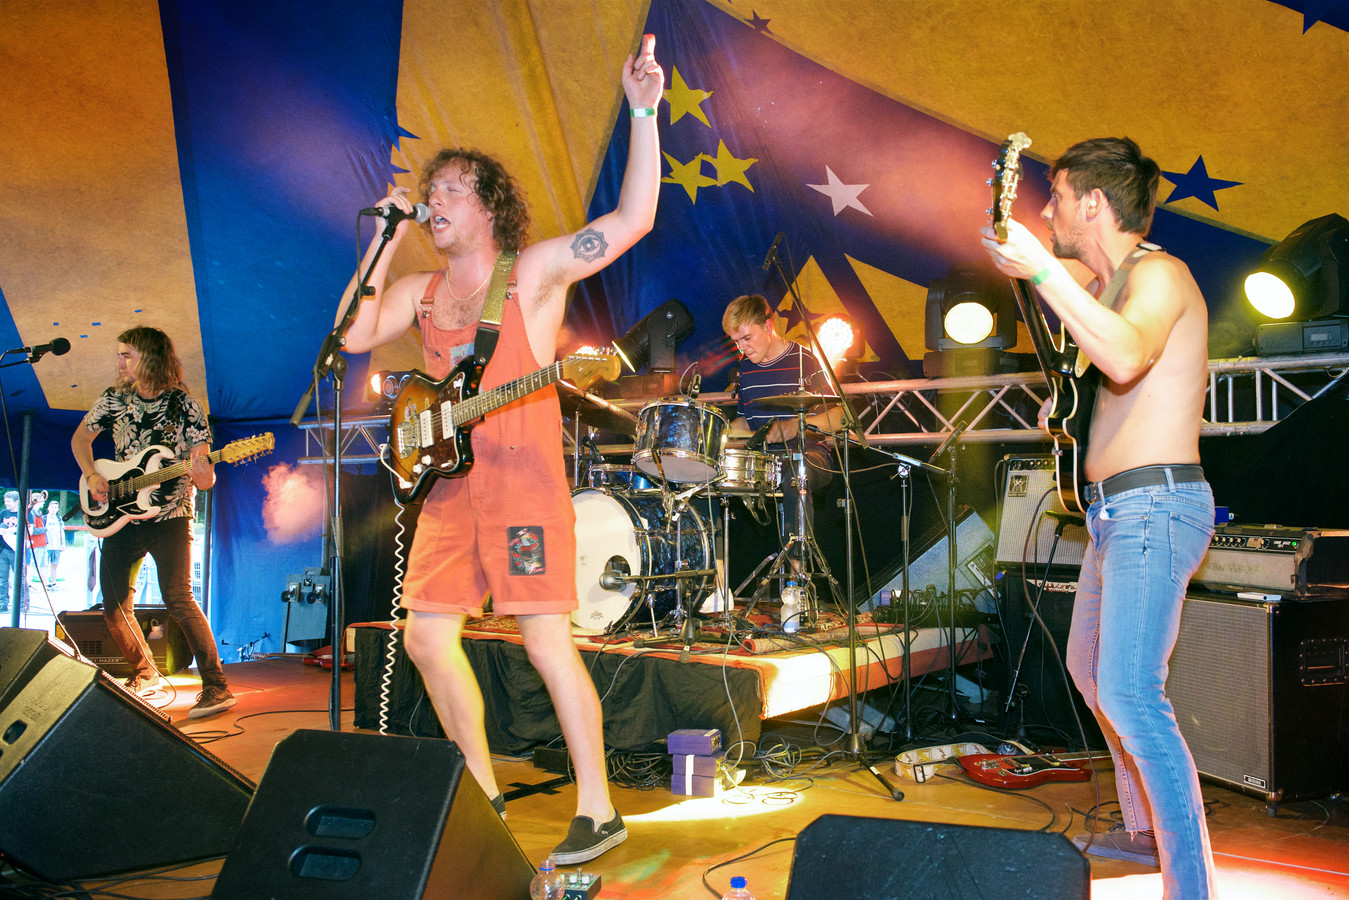 Iguana Death Cult in 2017 op het podium van Spijkerrok in Arnhem. De band speelt op zaterdag 5 oktober in Willemstad.